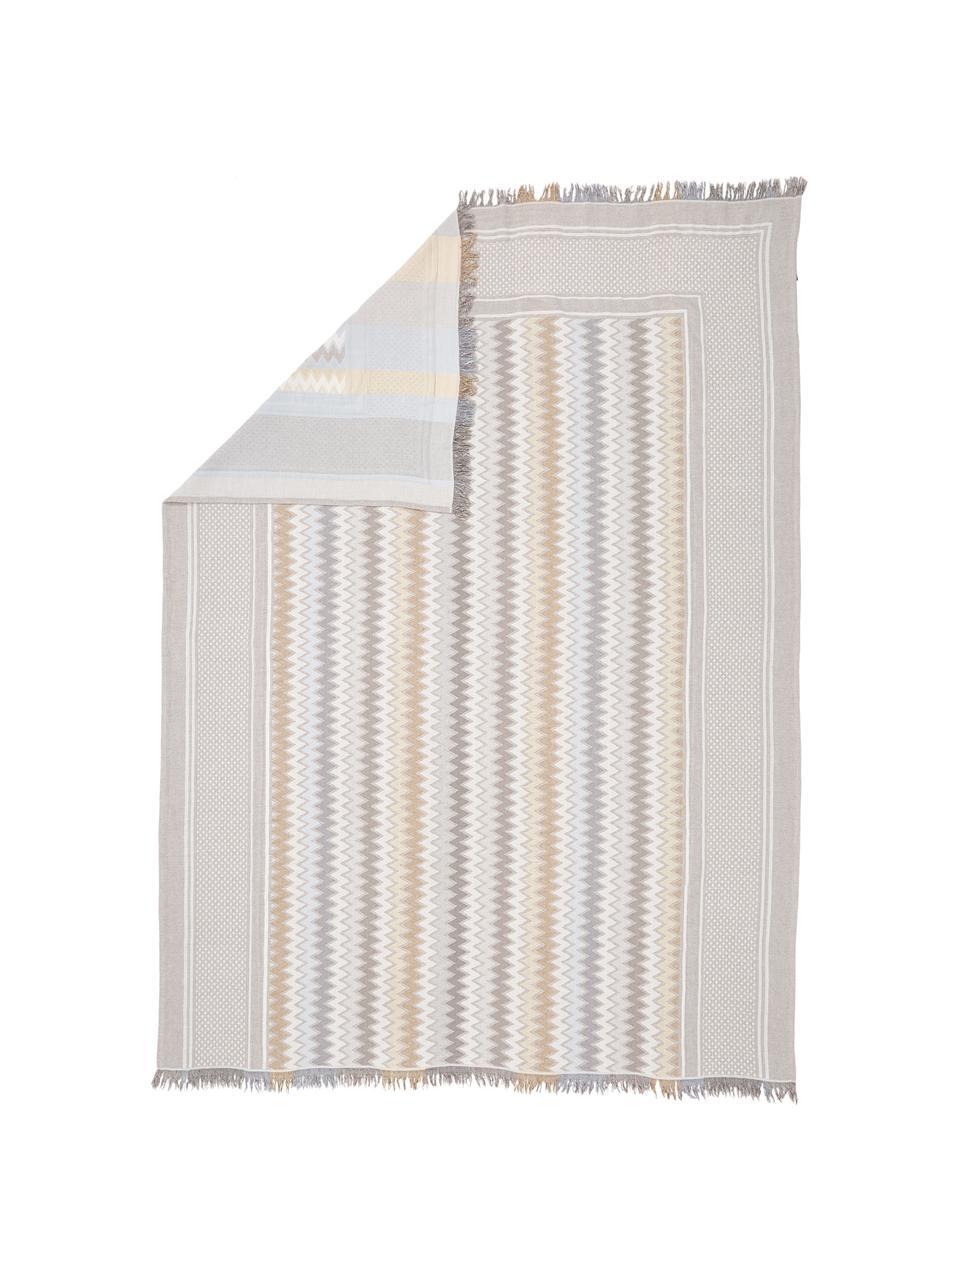 Gemusterte Tagesdecke Oglio, 100% Baumwolle, Beige, B 180 x L 235 cm (für Betten bis 140 x 200)